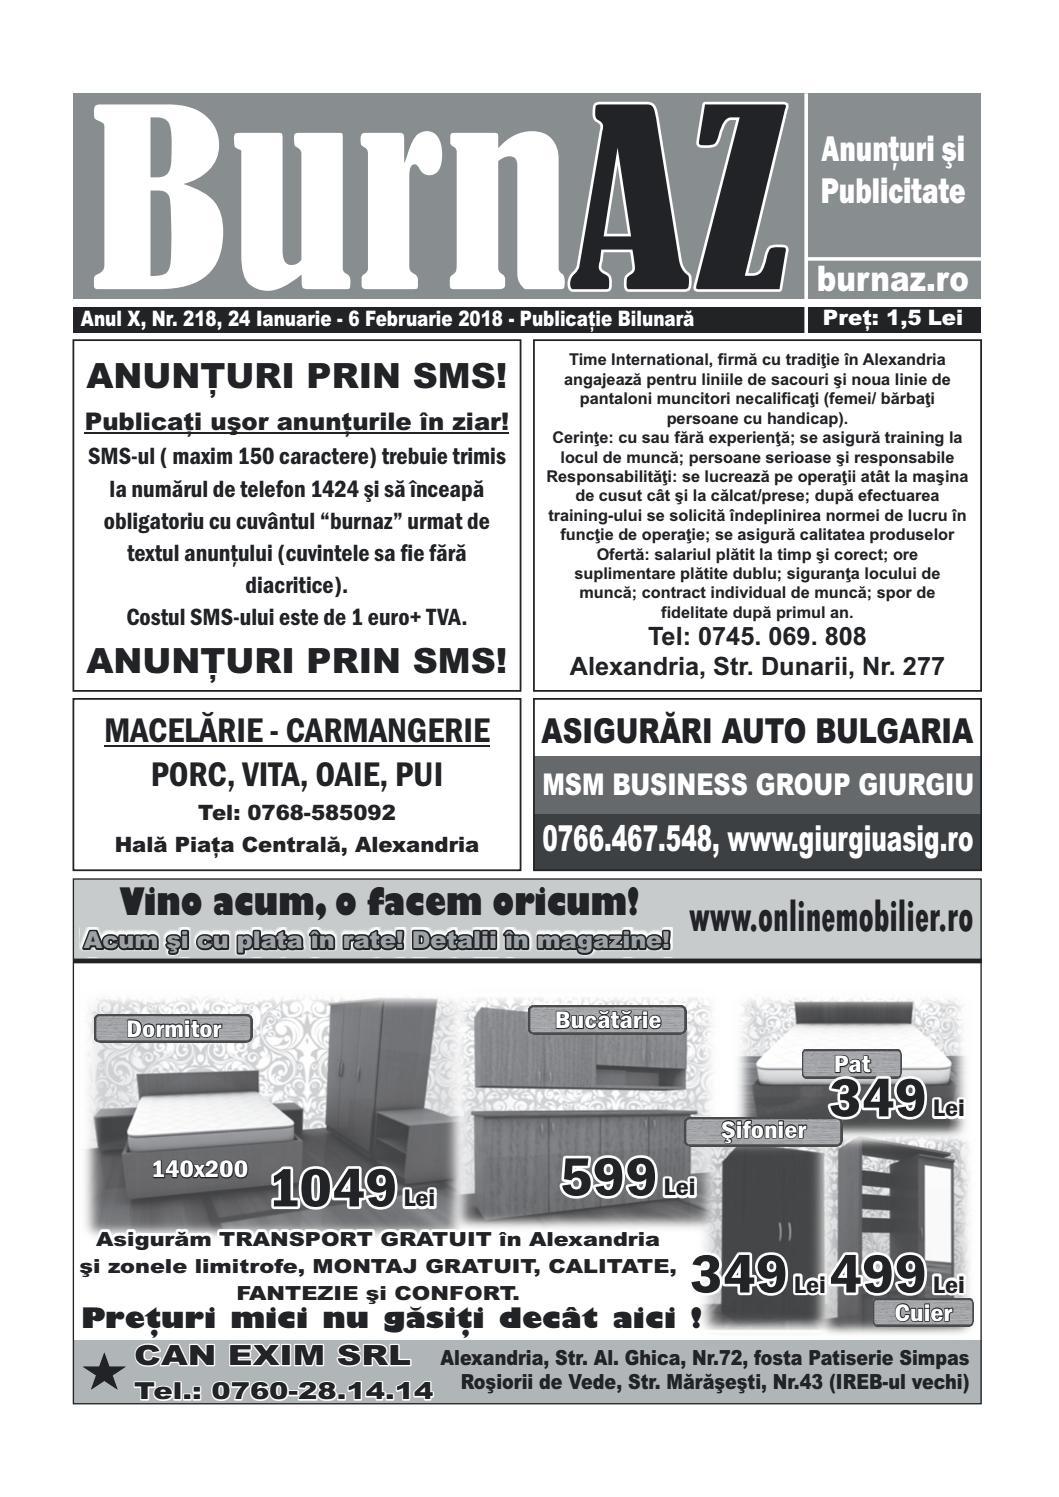 (P) Knauf începe livrarea tencuielii manuale Goldband și de la fabrica din Aghireșu, județul Cluj